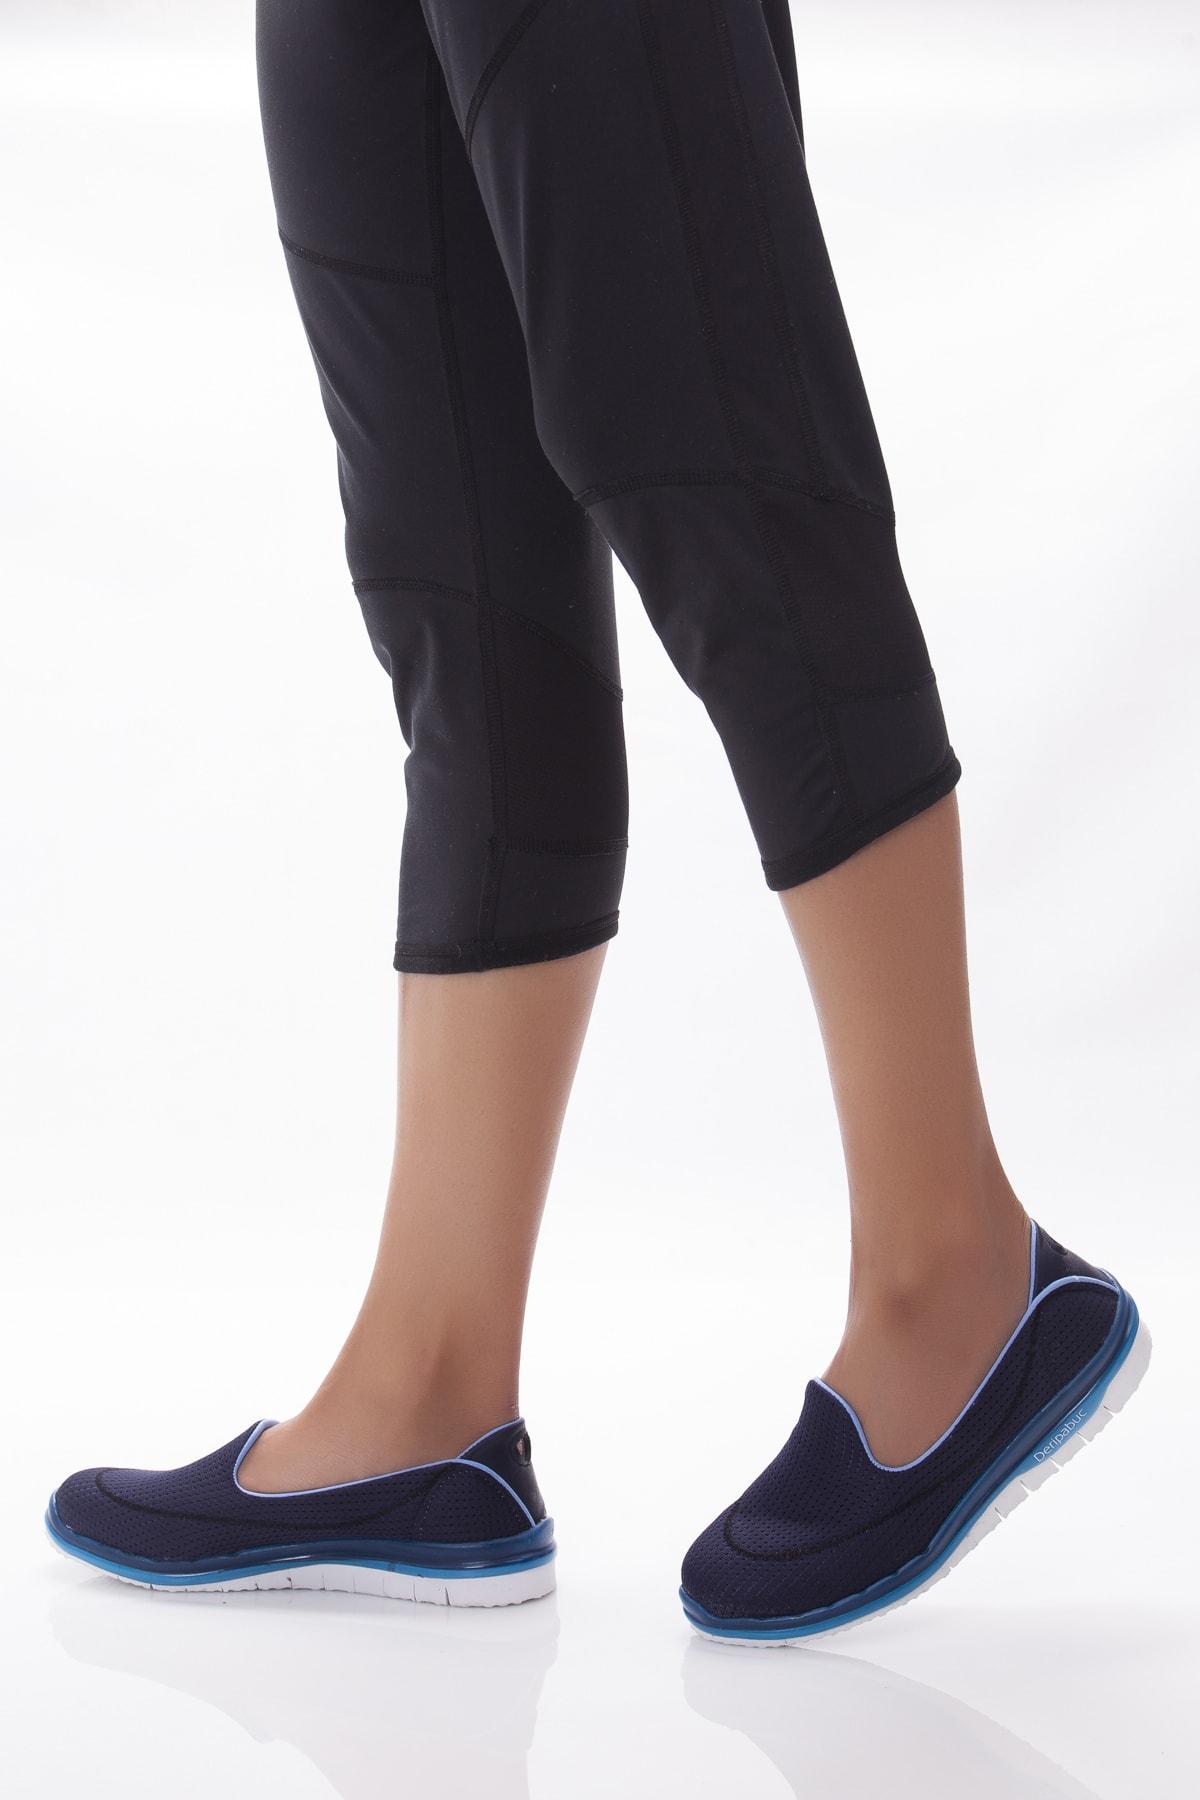 Deripabuc Lacivert Mavi Kadın Spor Babet Dp23-0201